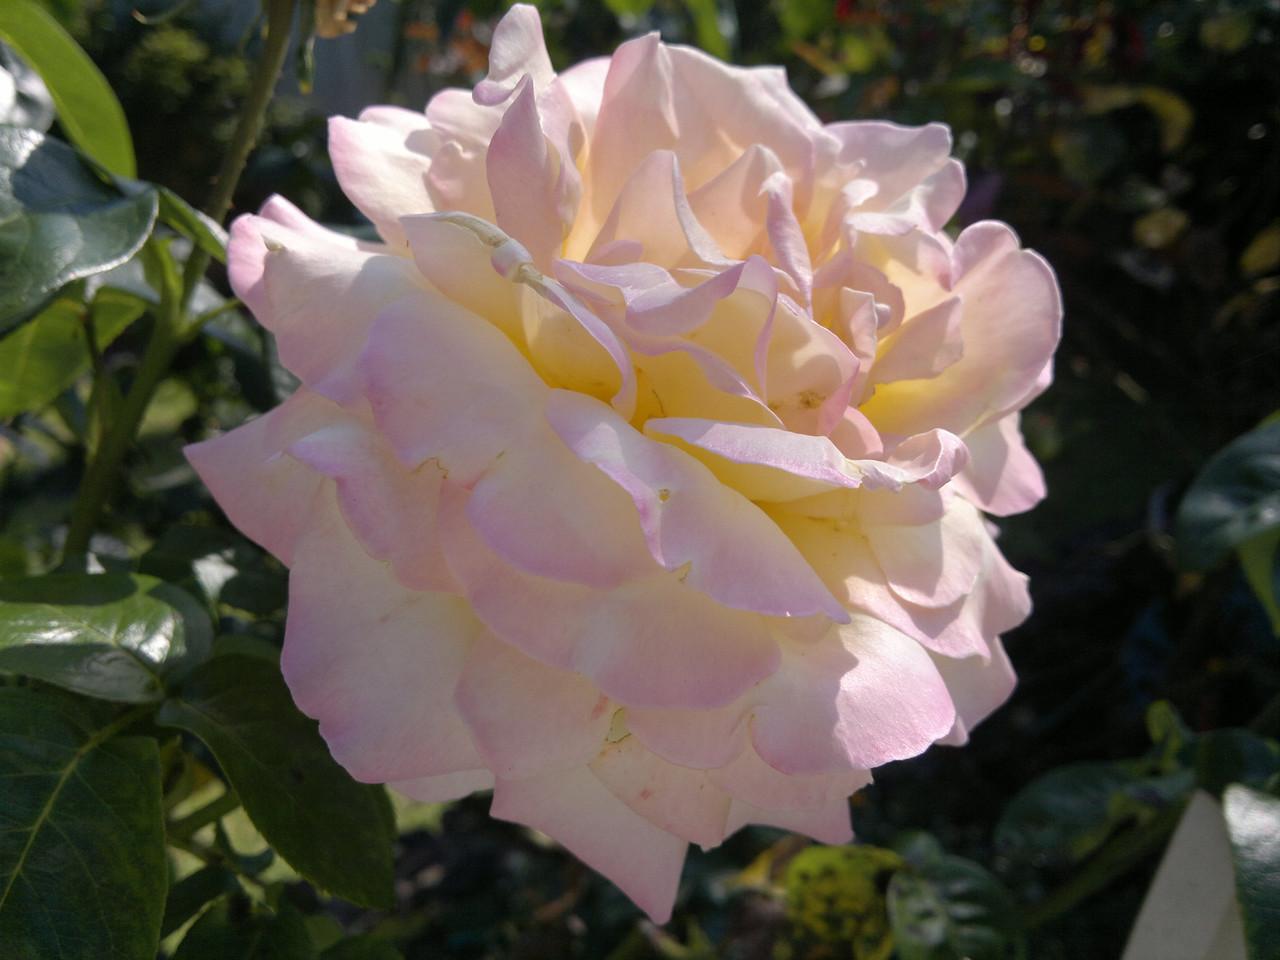 201122_0951_101 rose